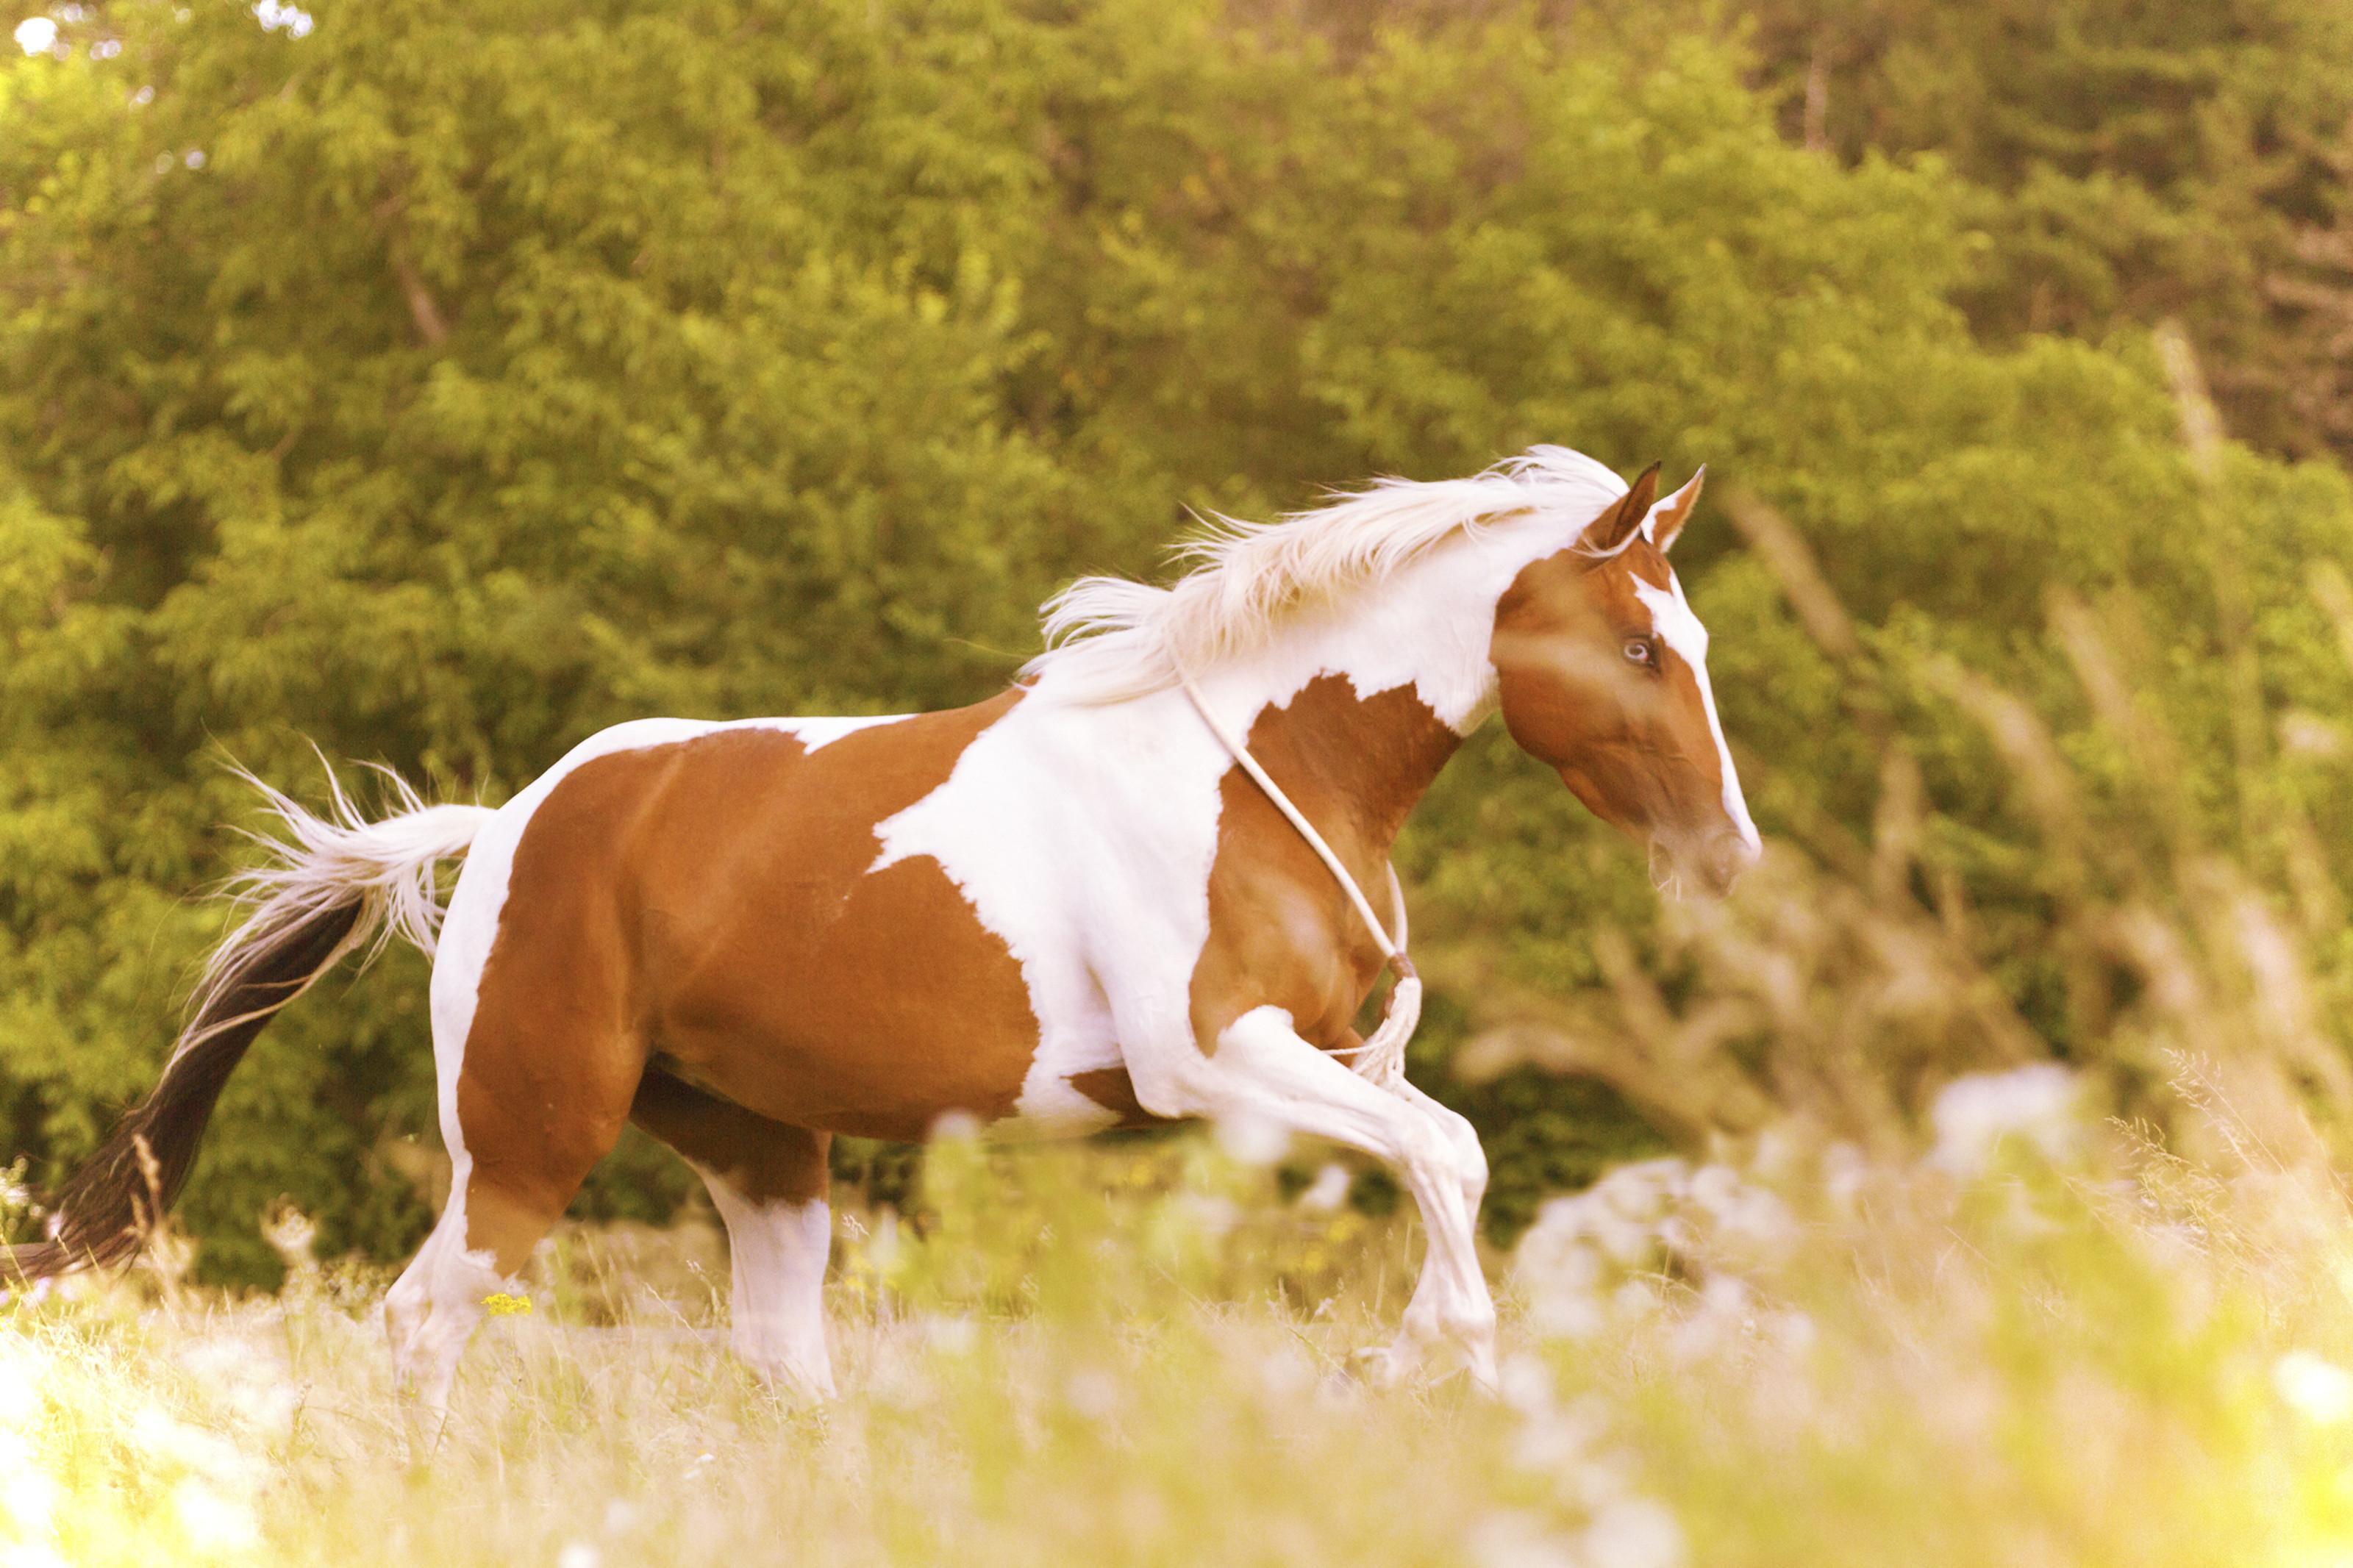 Paint Horse Wallpaper 40 Images